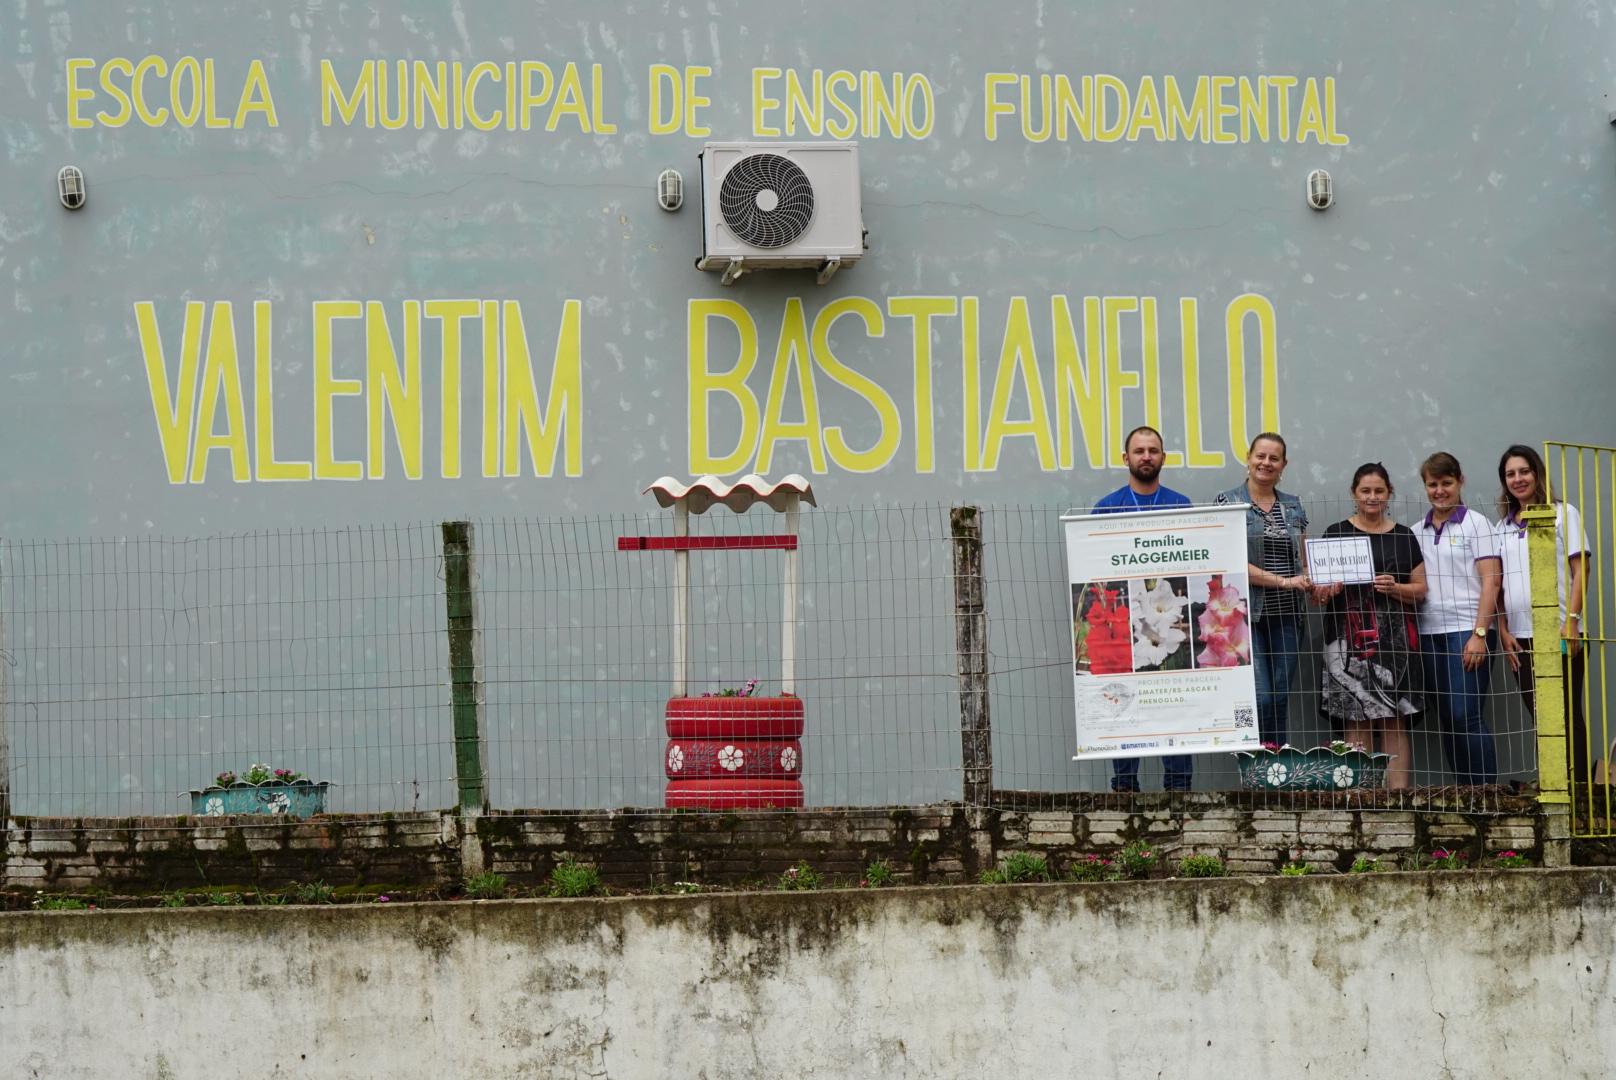 Foto colorida horizontal mostra pessoas em frente a uma parede onde aparece o nome da escola escrito em amarelo